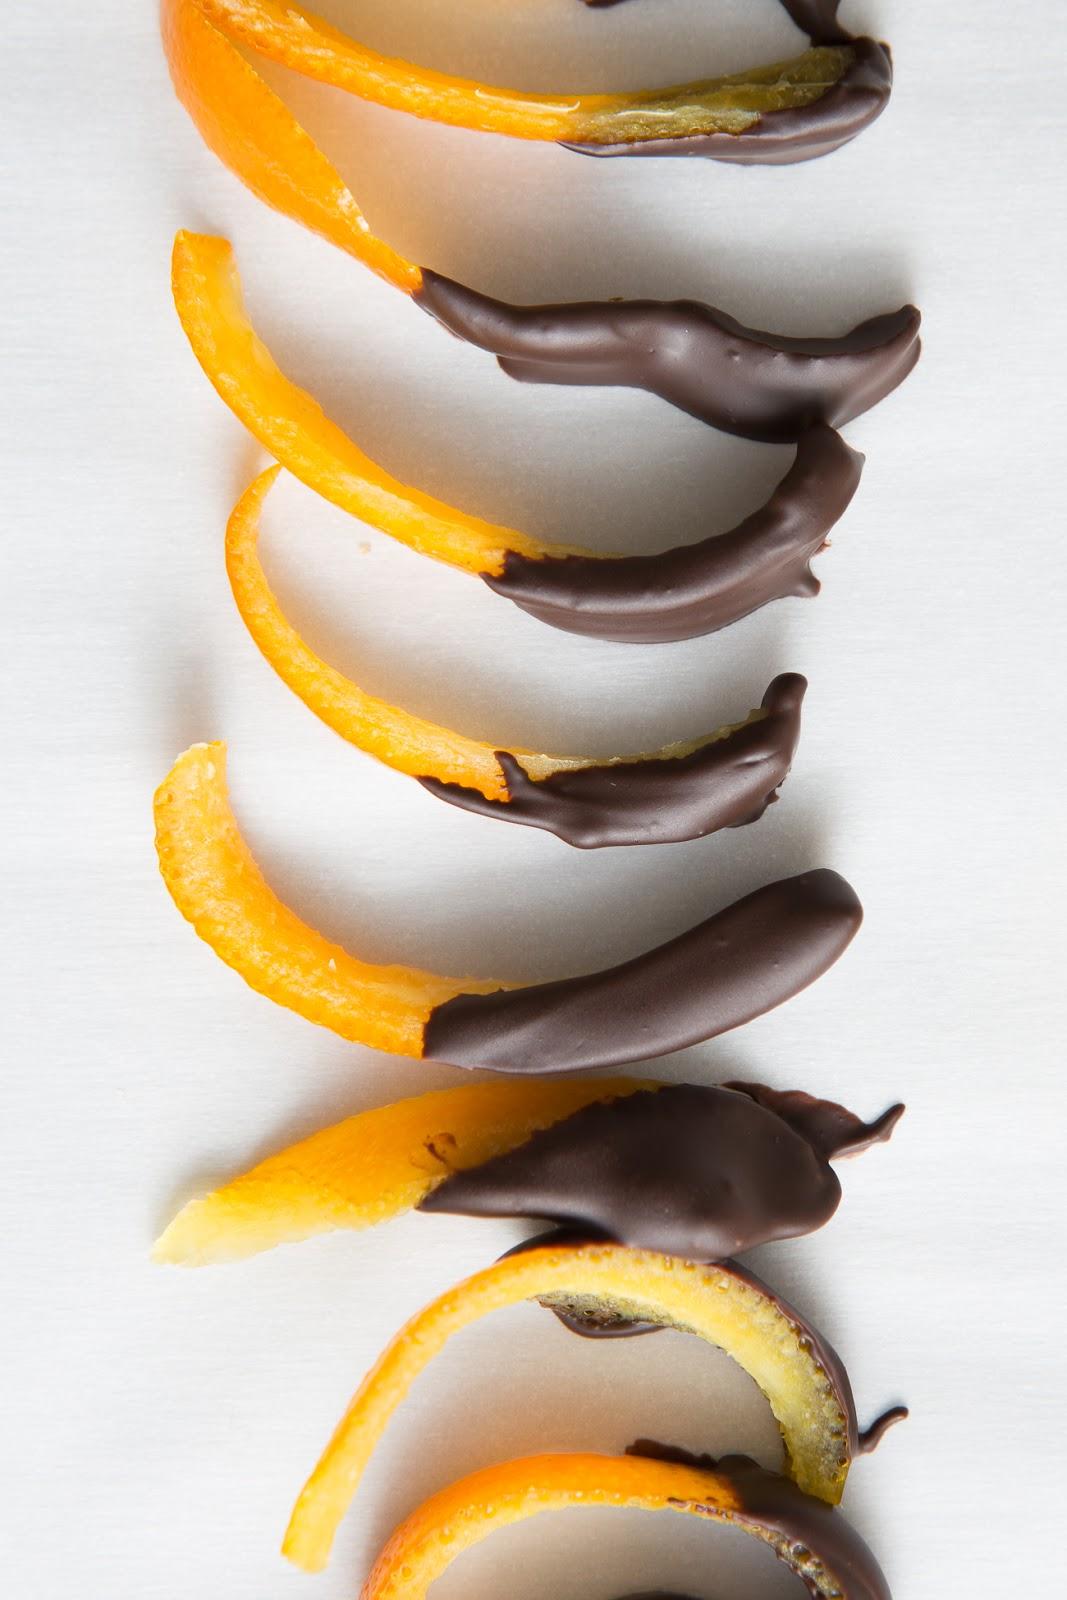 Candied Citrus Peels / seeandsavour.com